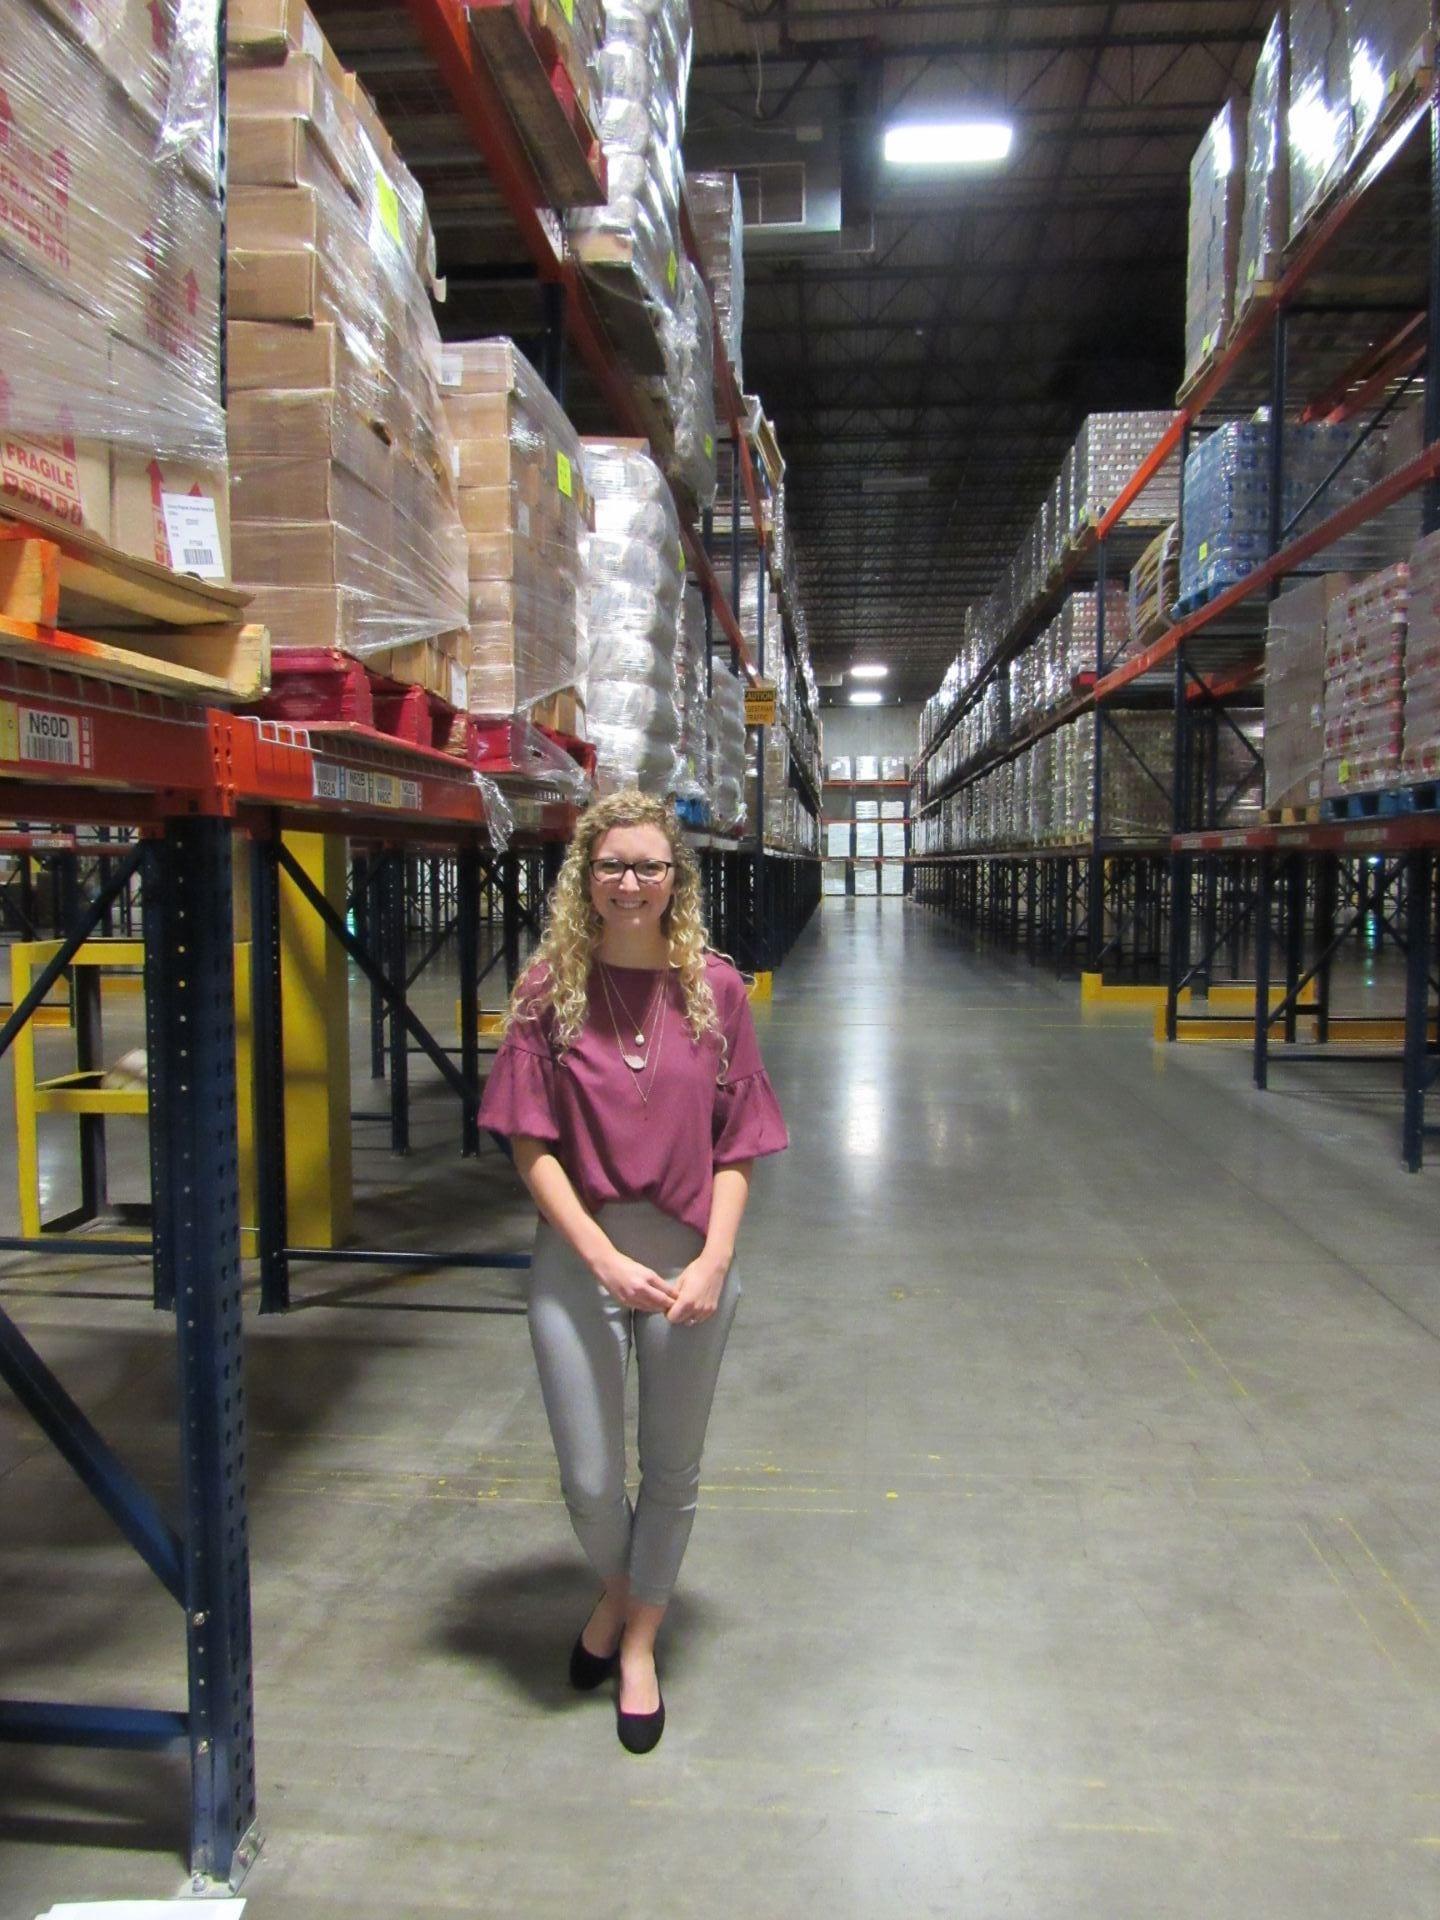 Jackson in Gleaner's warehouse.